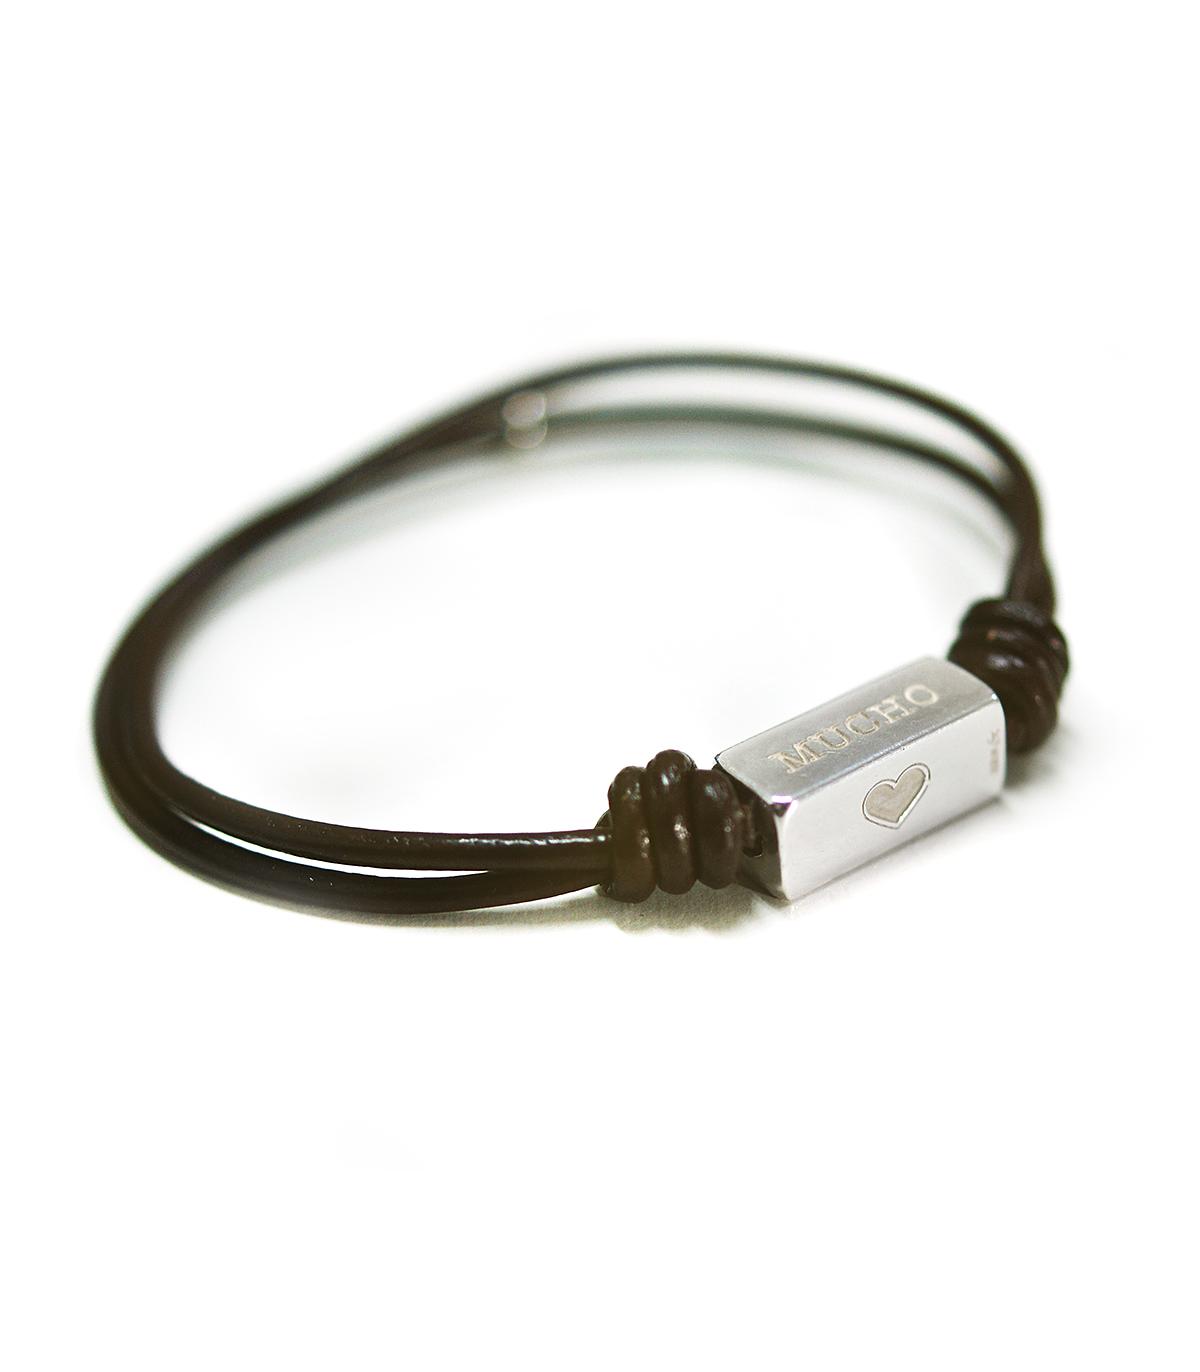 2c84764df87b Pulseras de cuero y plata personalizadas – Tube - Joyas de moda para ...